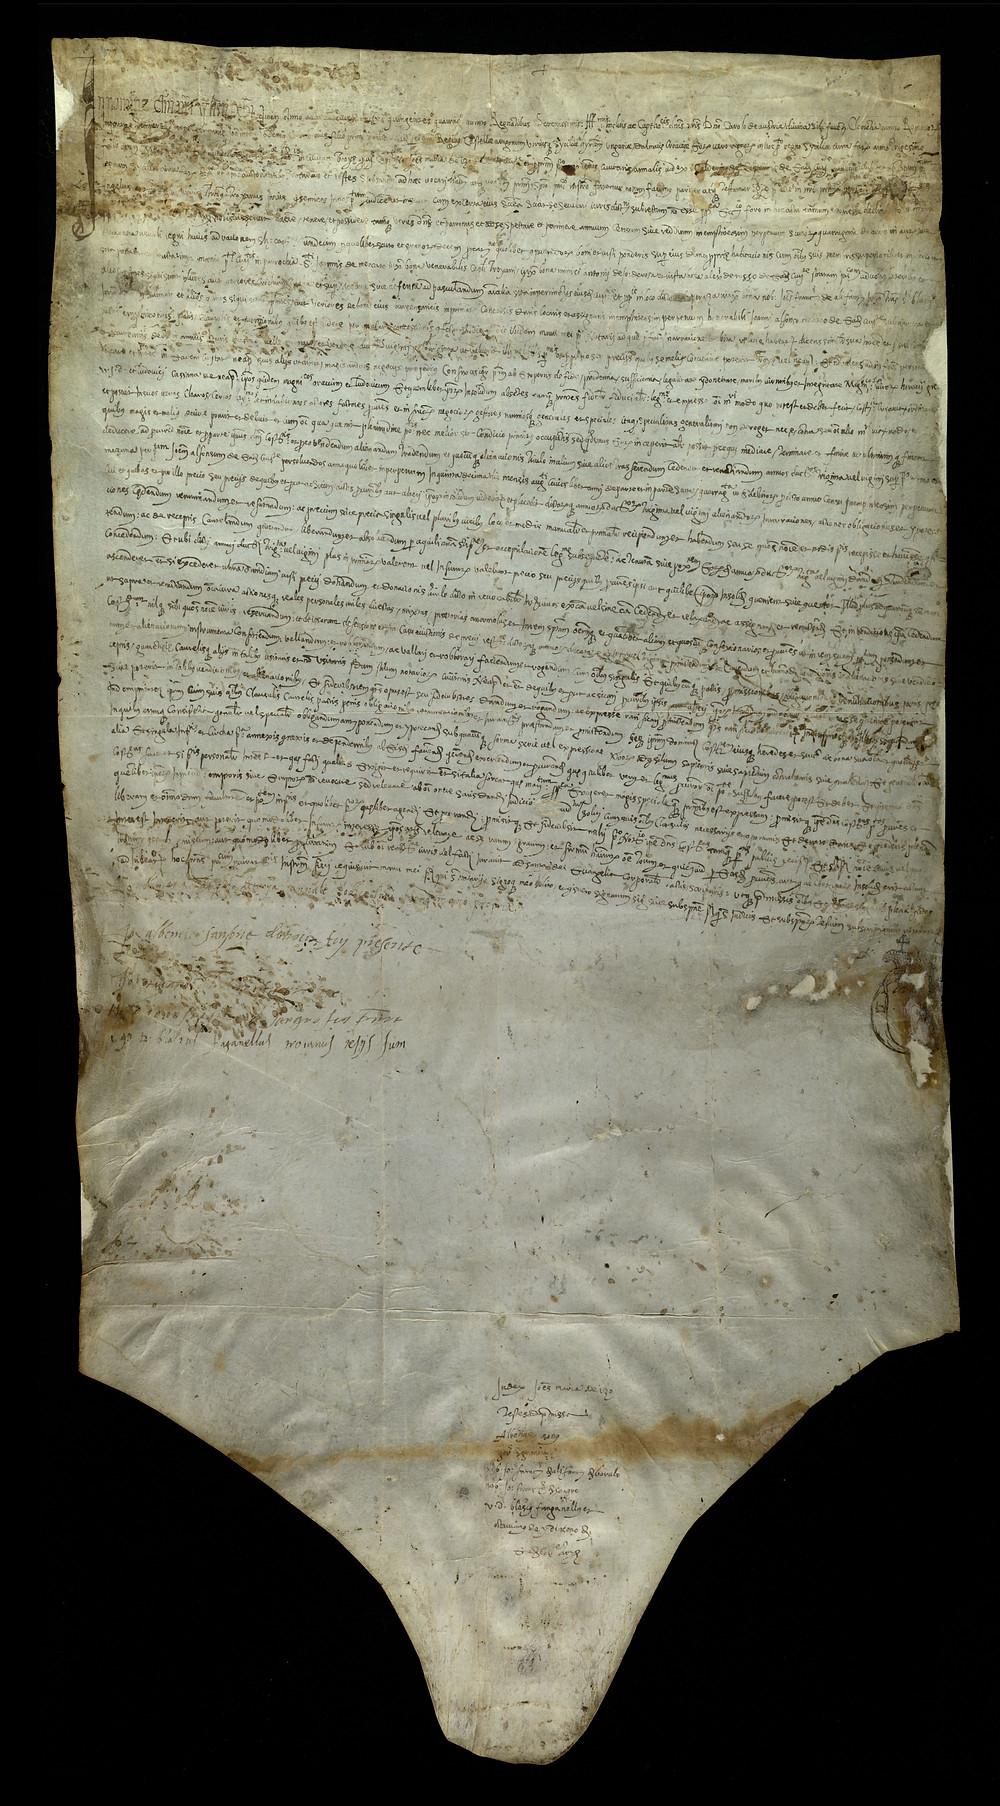 ASMM Ad/30 aprile 1545  Istrumento di procura per notar Calderio de Celderiis di Troja con cui Angelo Gardia costituisce un procuratore a poter alienare in suo nome annui ducati 30 di censo dovuto da Giov. Alfonso Melisco.